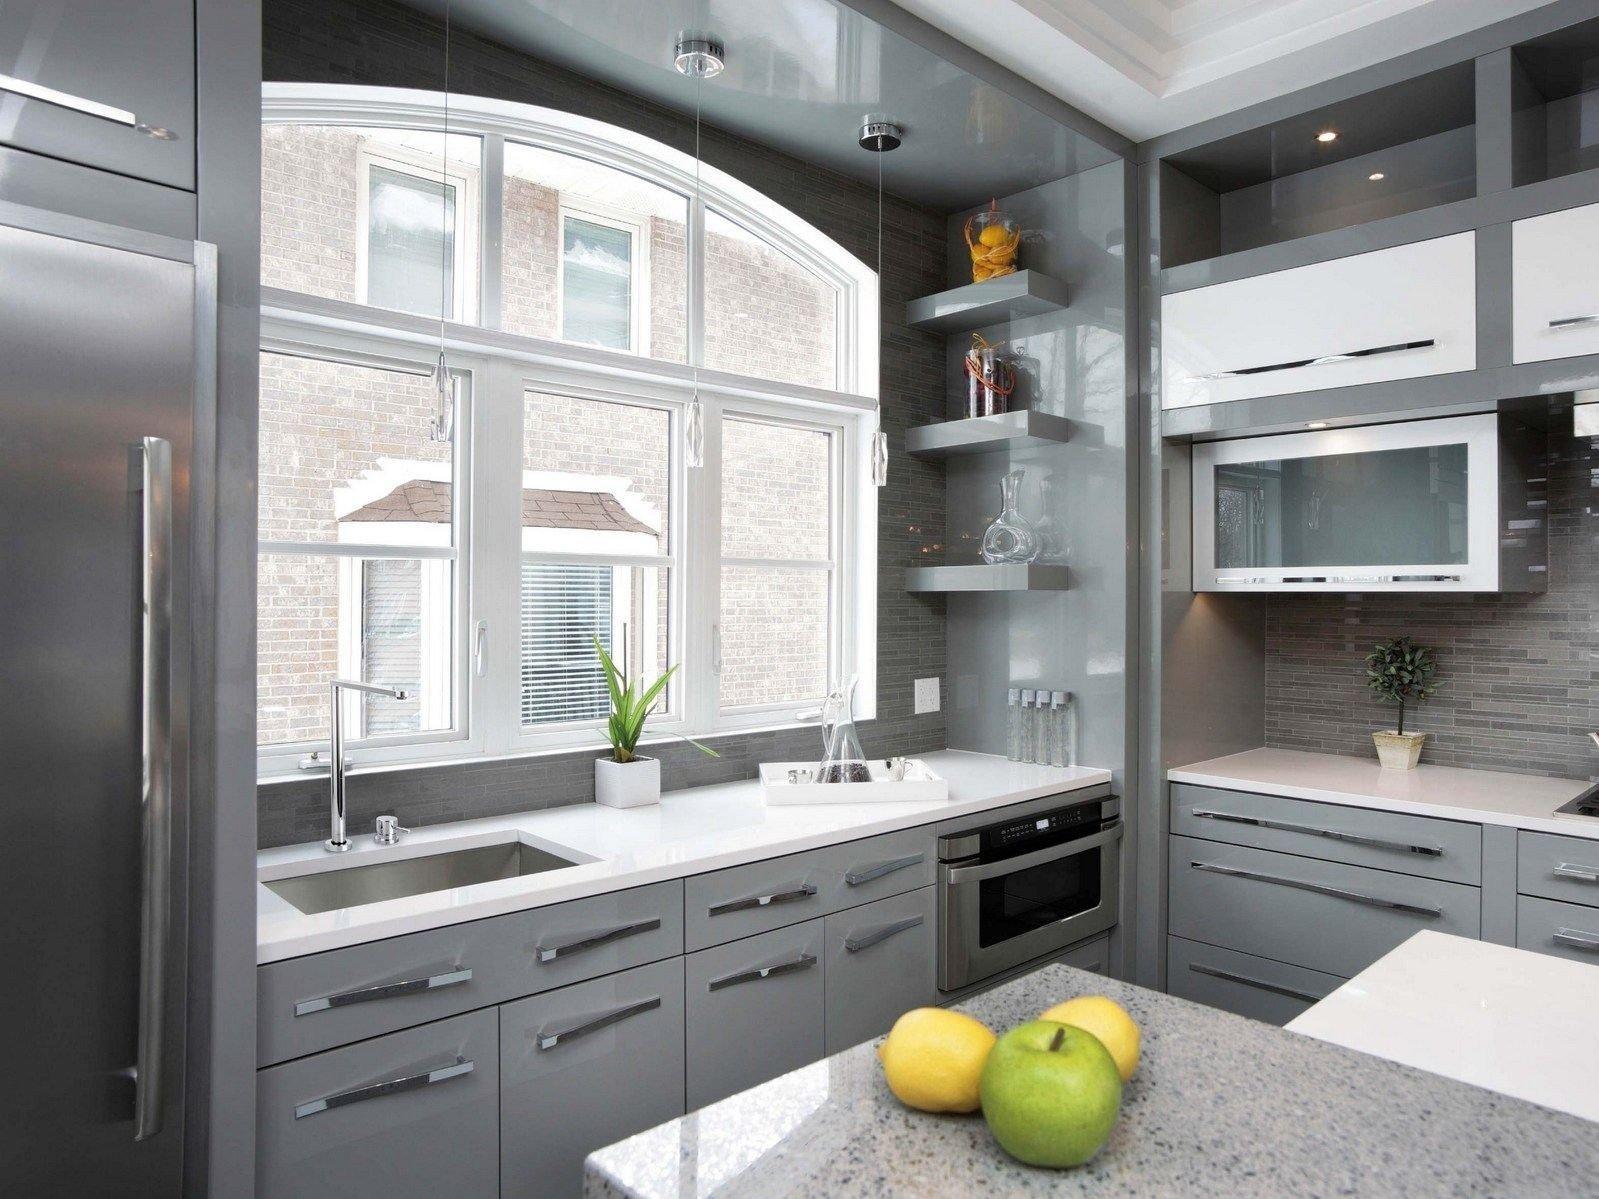 Soluzioni salvaspazio ed ergonomiche per la cucina - Soluzioni cucina ...